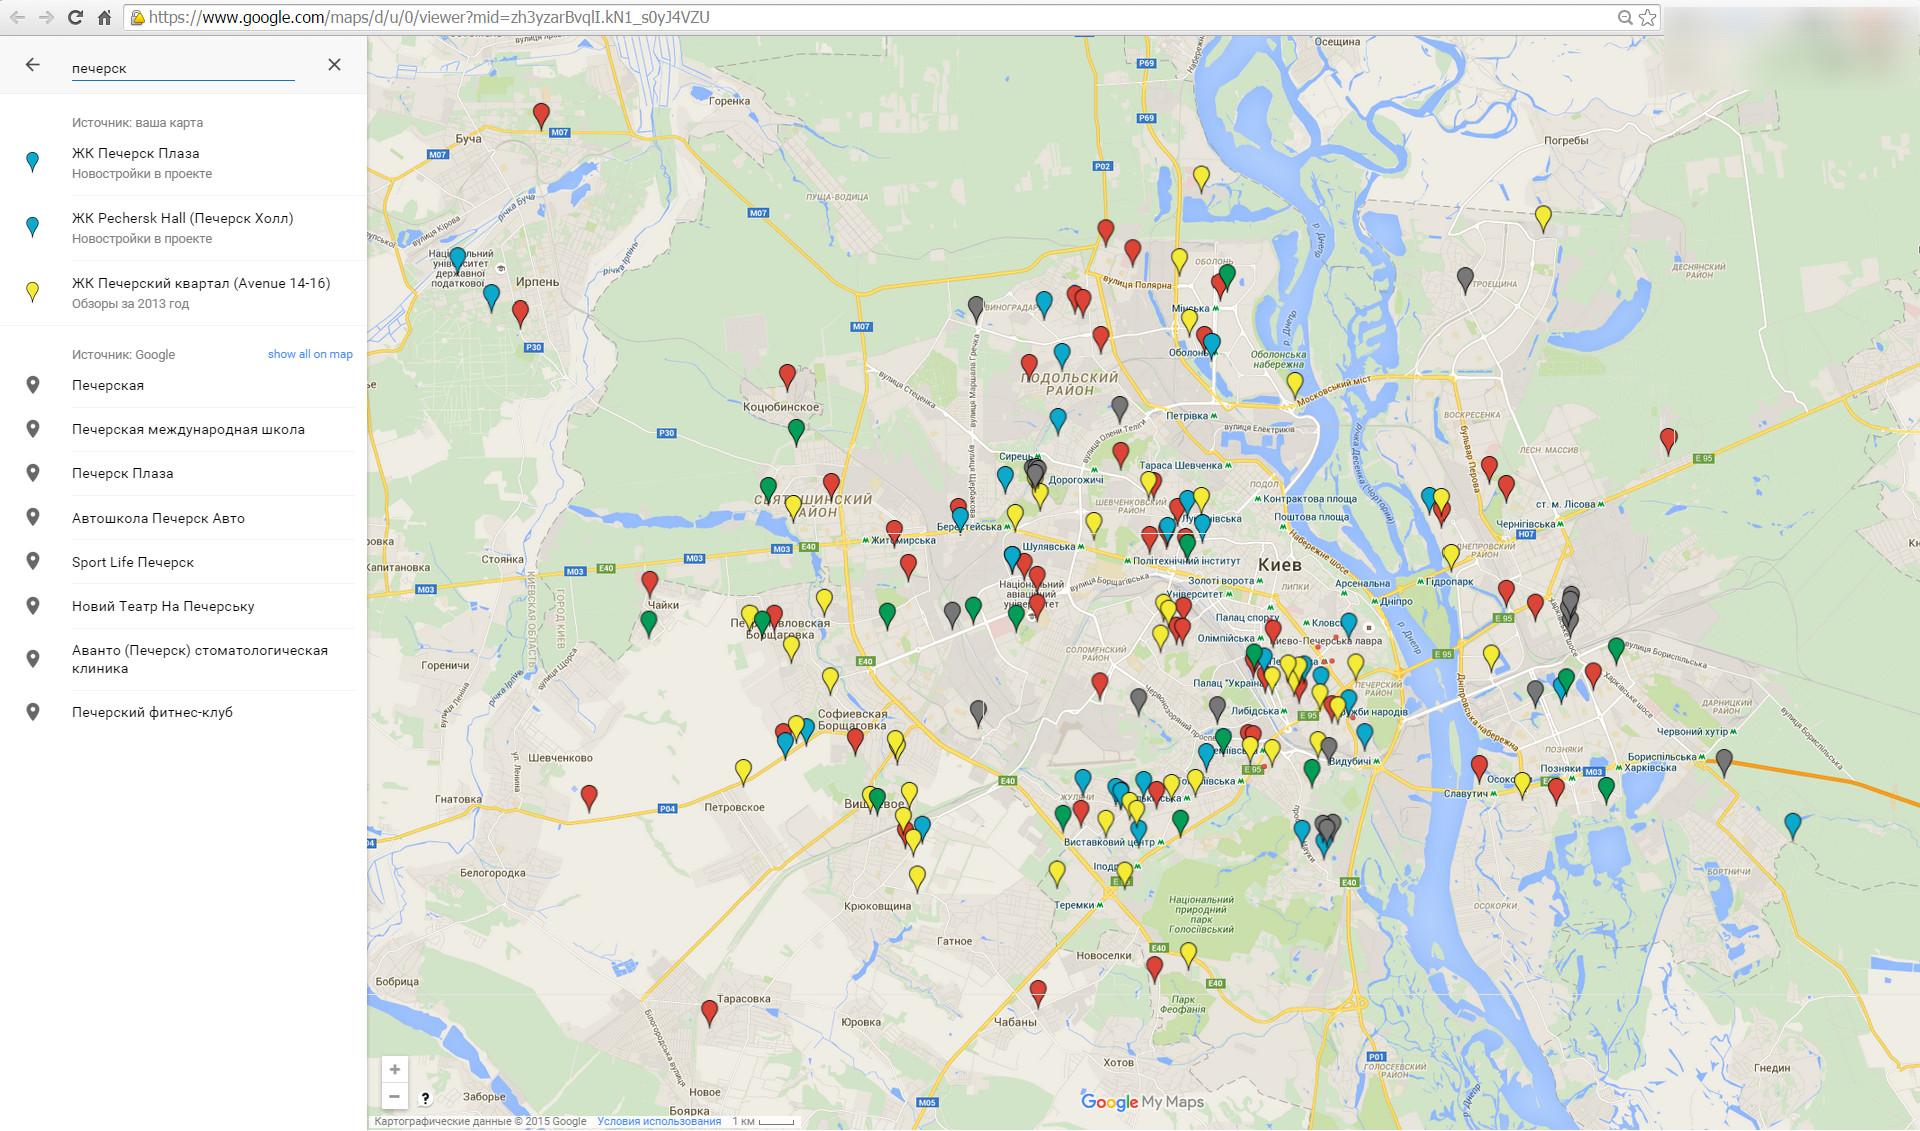 Новостройки на карте Киева и области 5